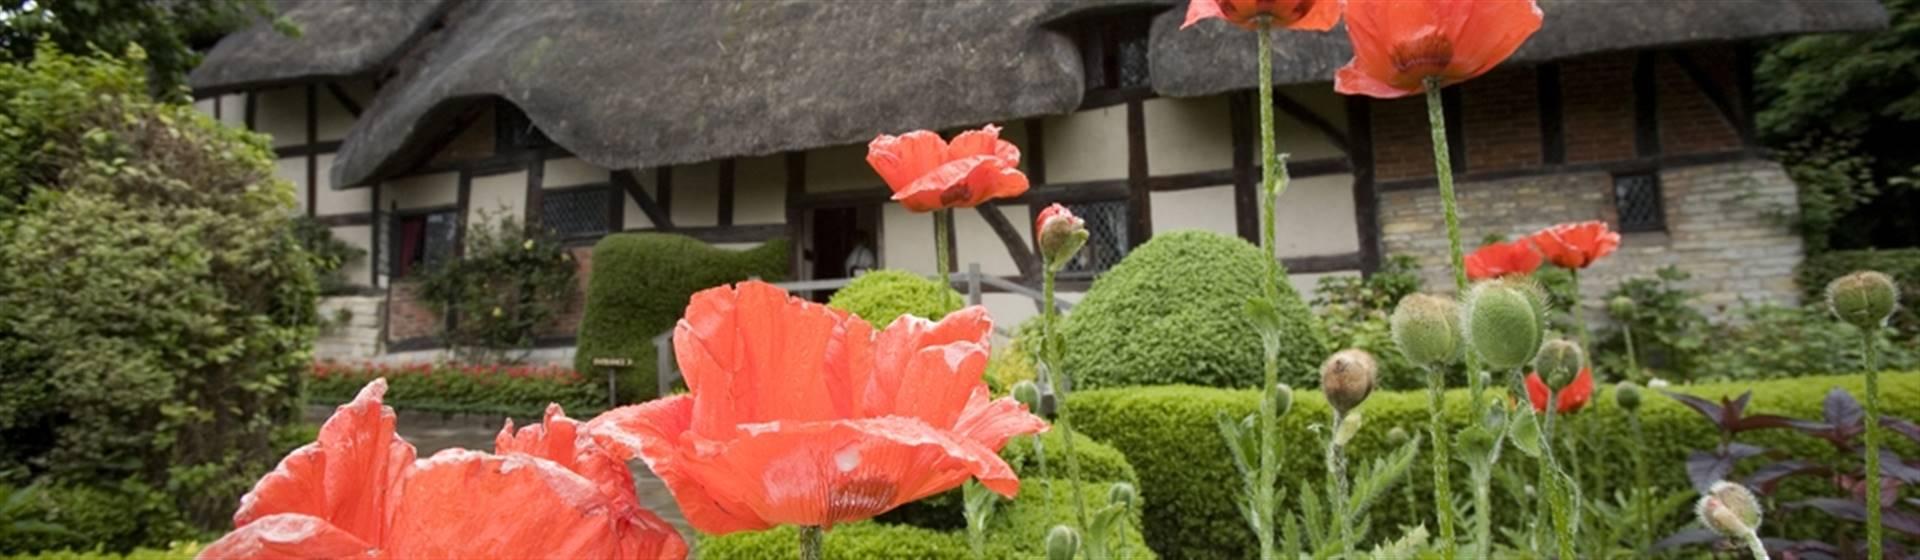 Stratford-Upon-Avon Spring Weekend